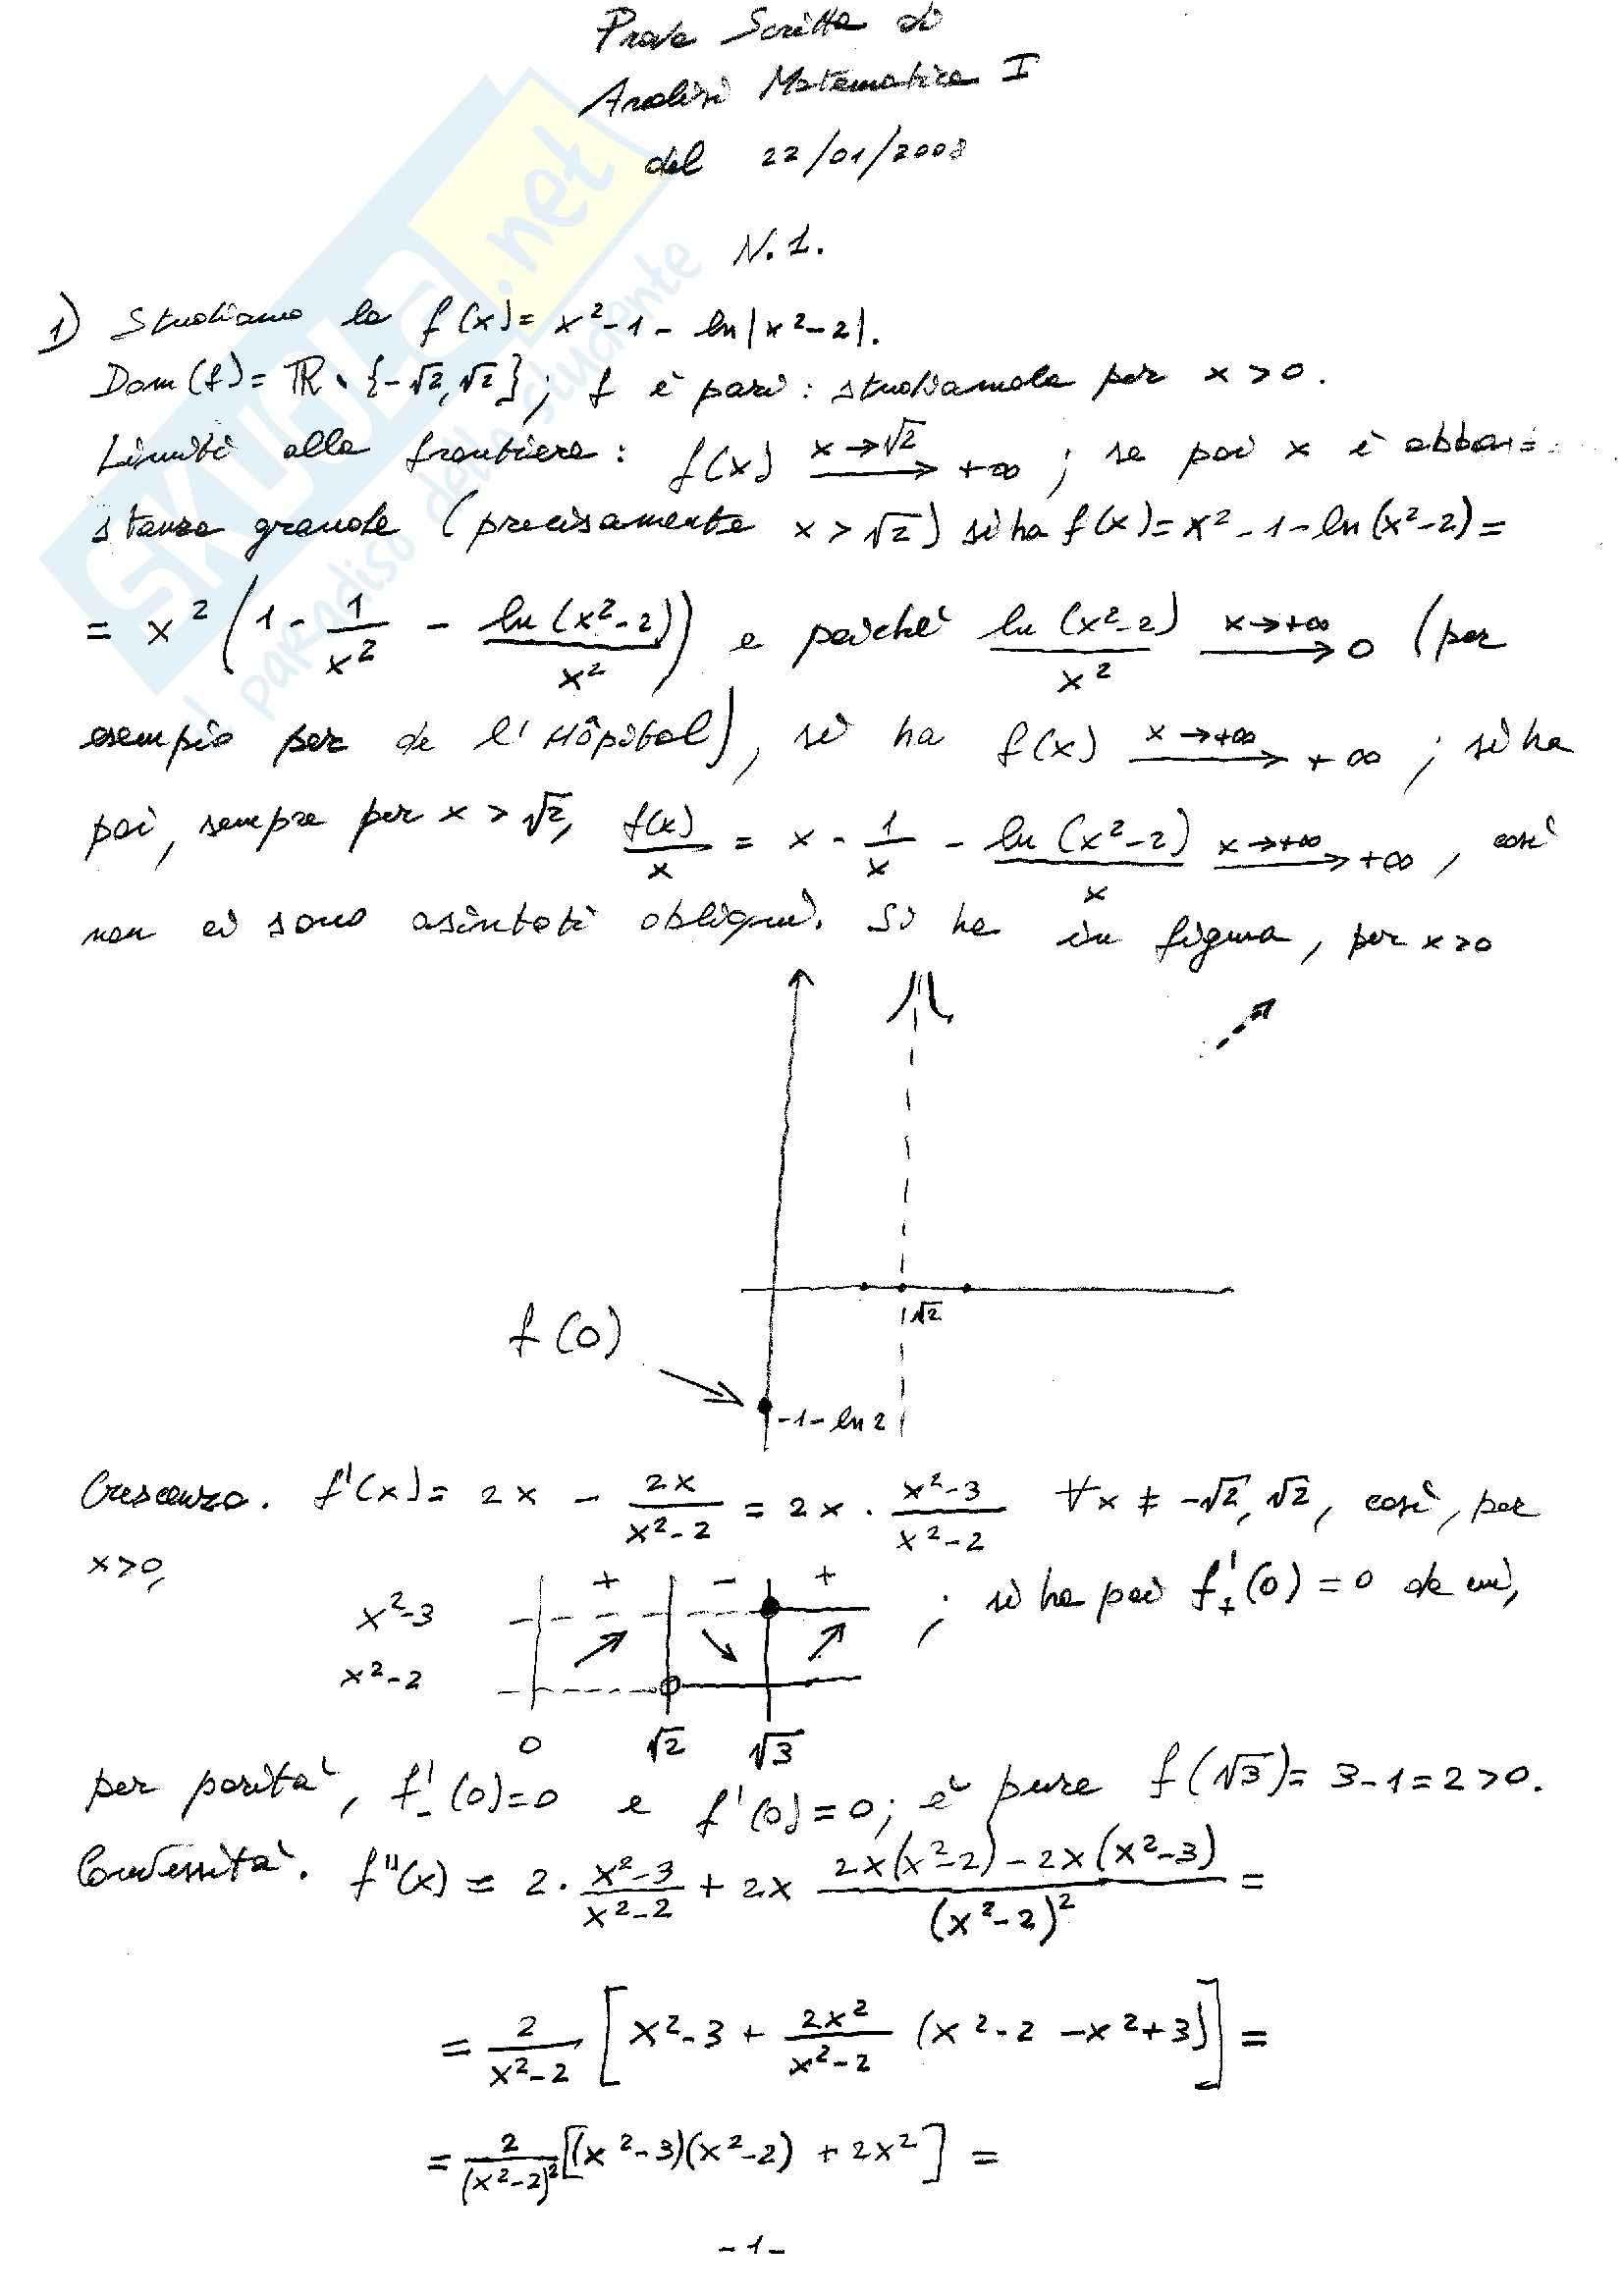 Analisi matematica uno - Testi e soluzioni